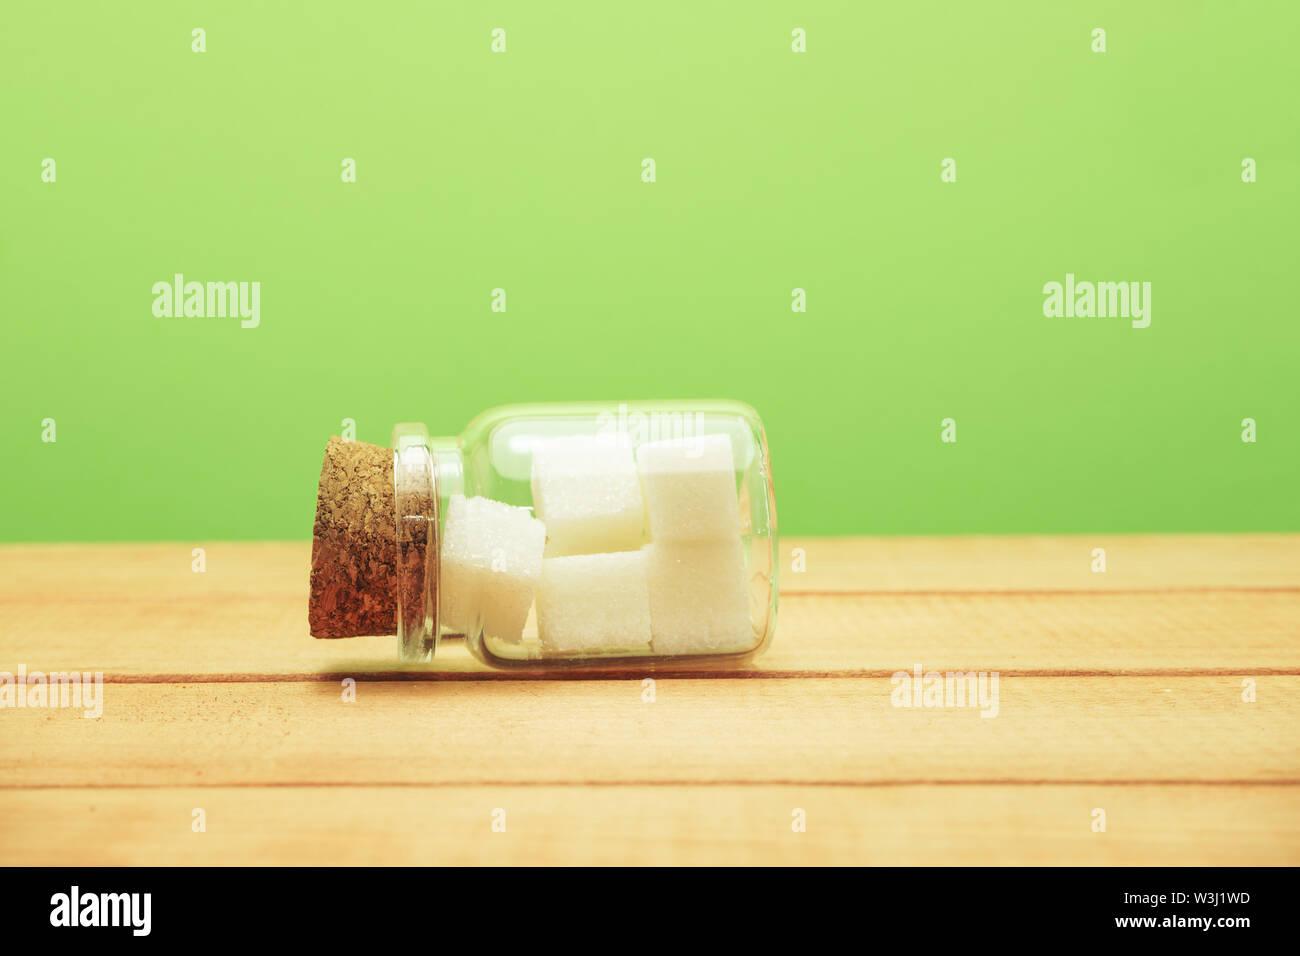 Petit verre bouteille pleine de cubes de sucre sur une table en bois beau fond vert - mauvaise alimentation concept. Photo Stock